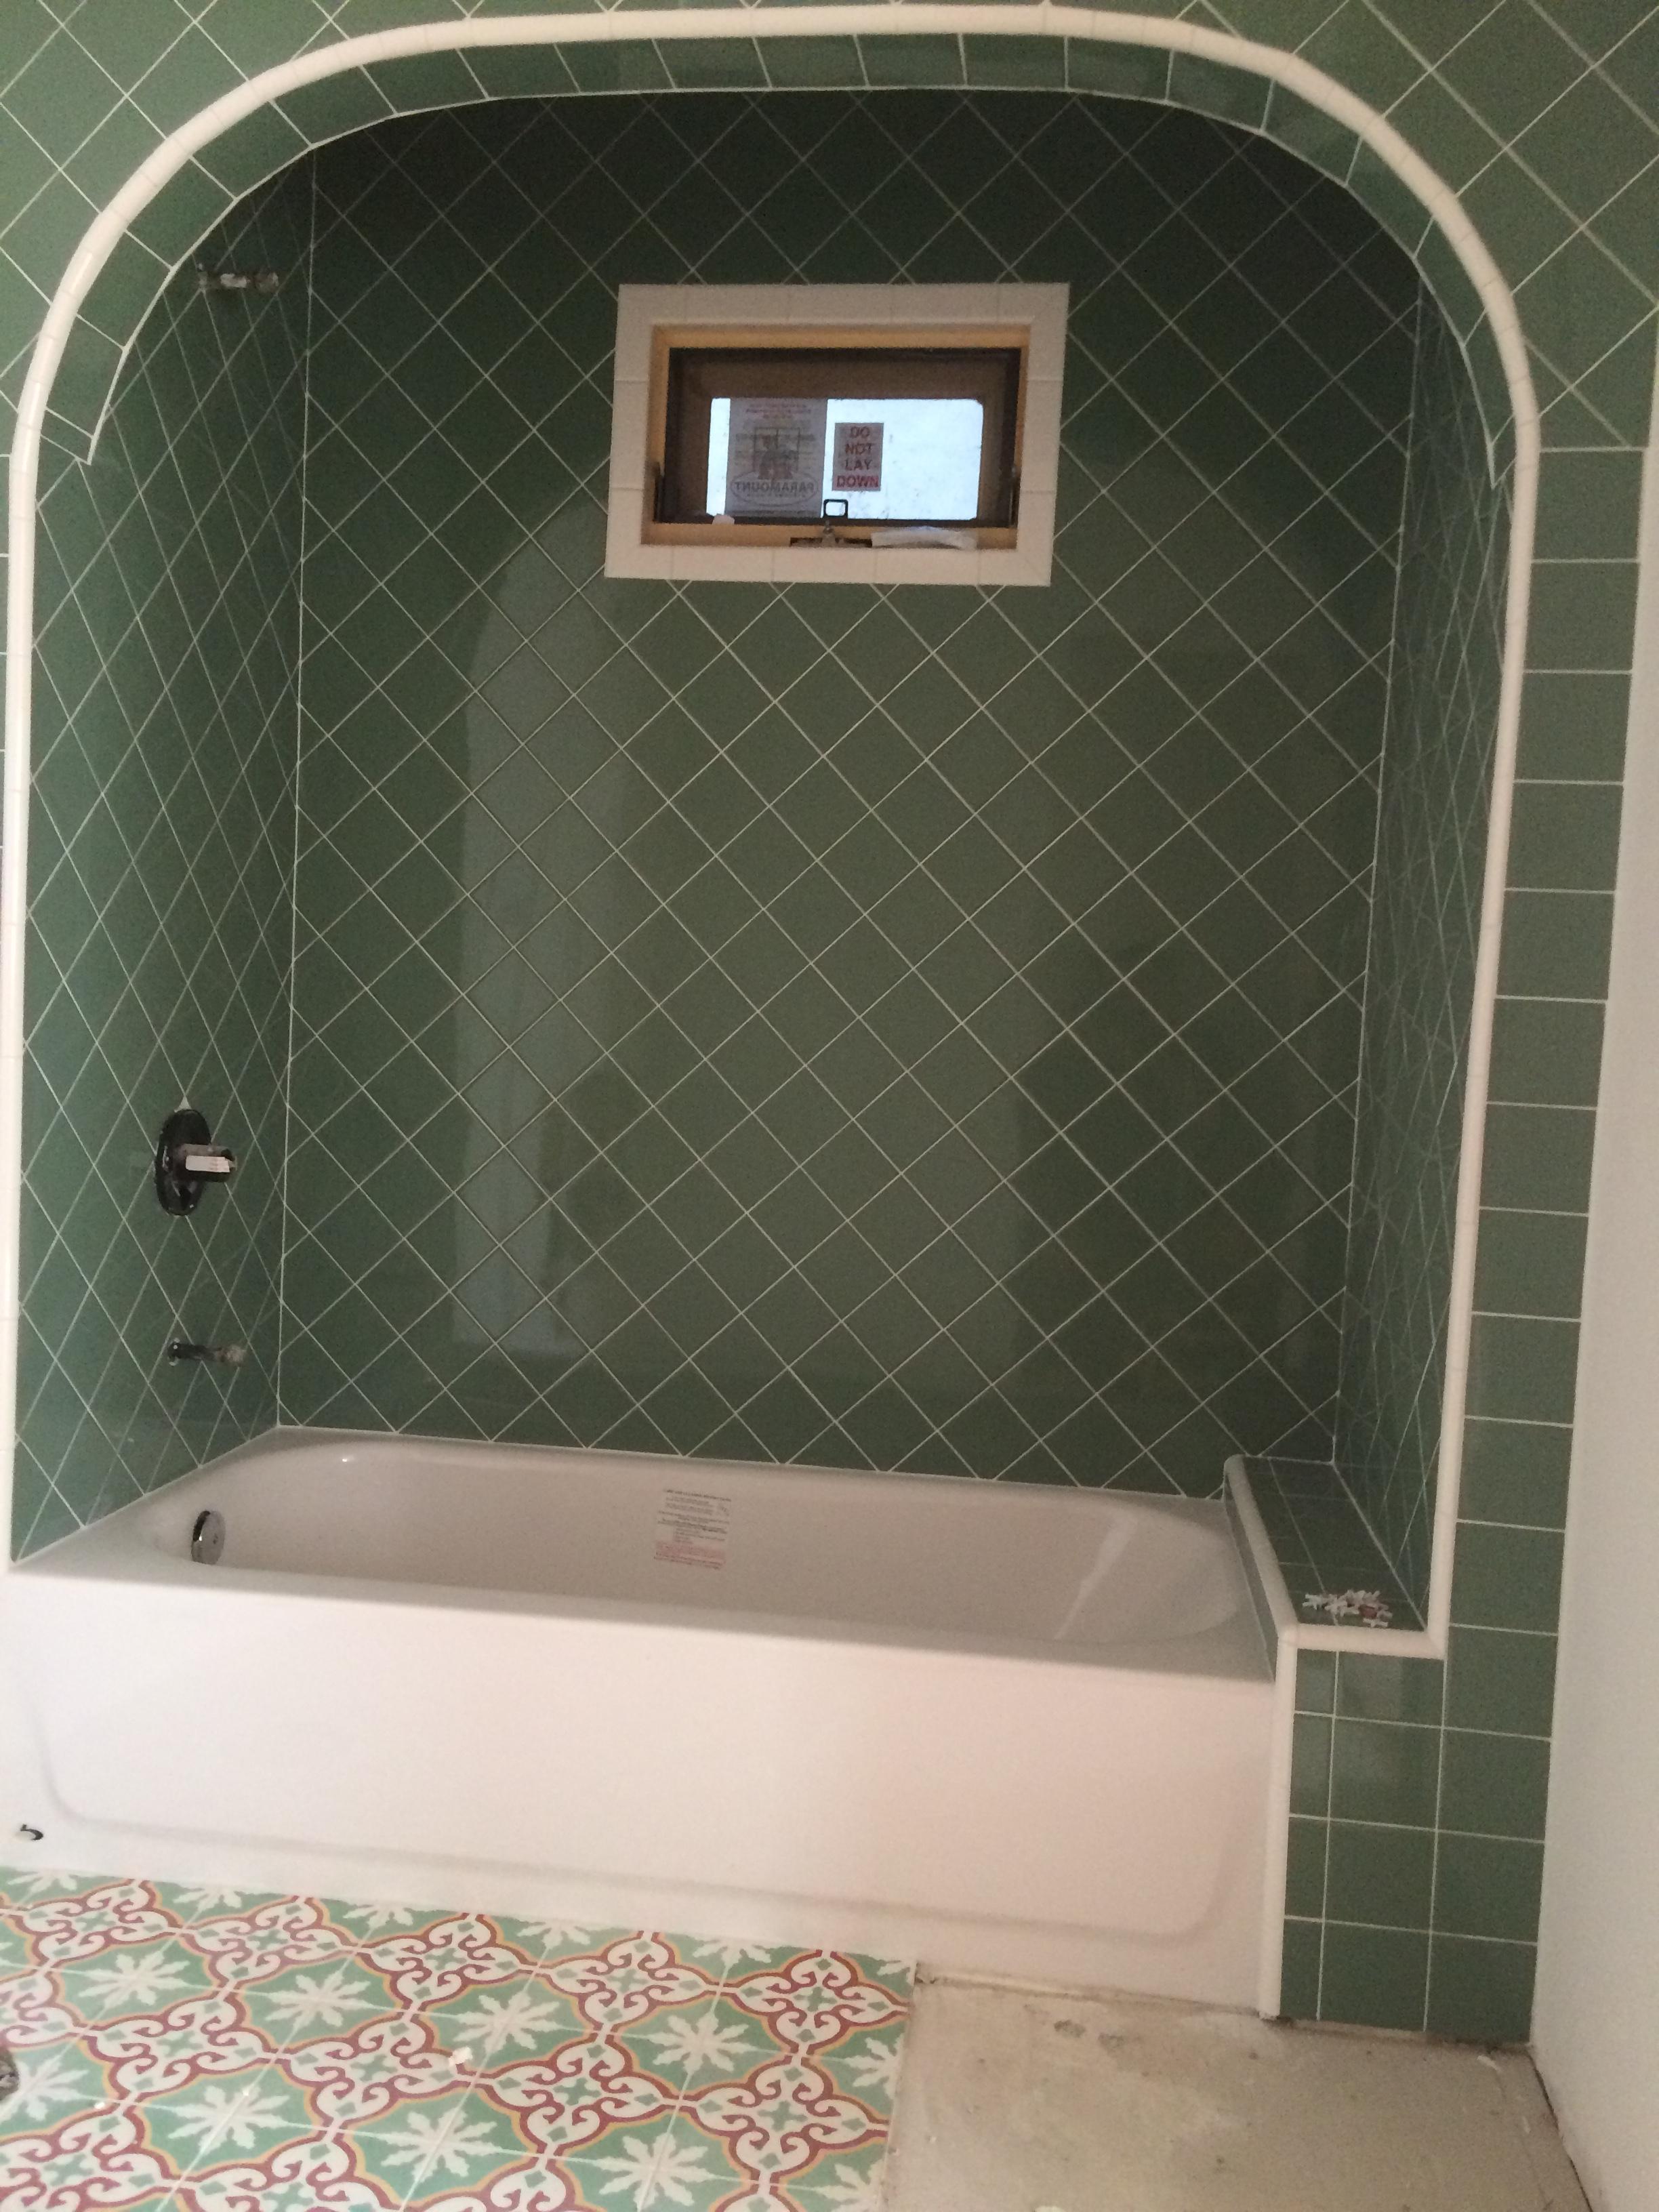 Spanish Revival Tile Tile Design Ideas